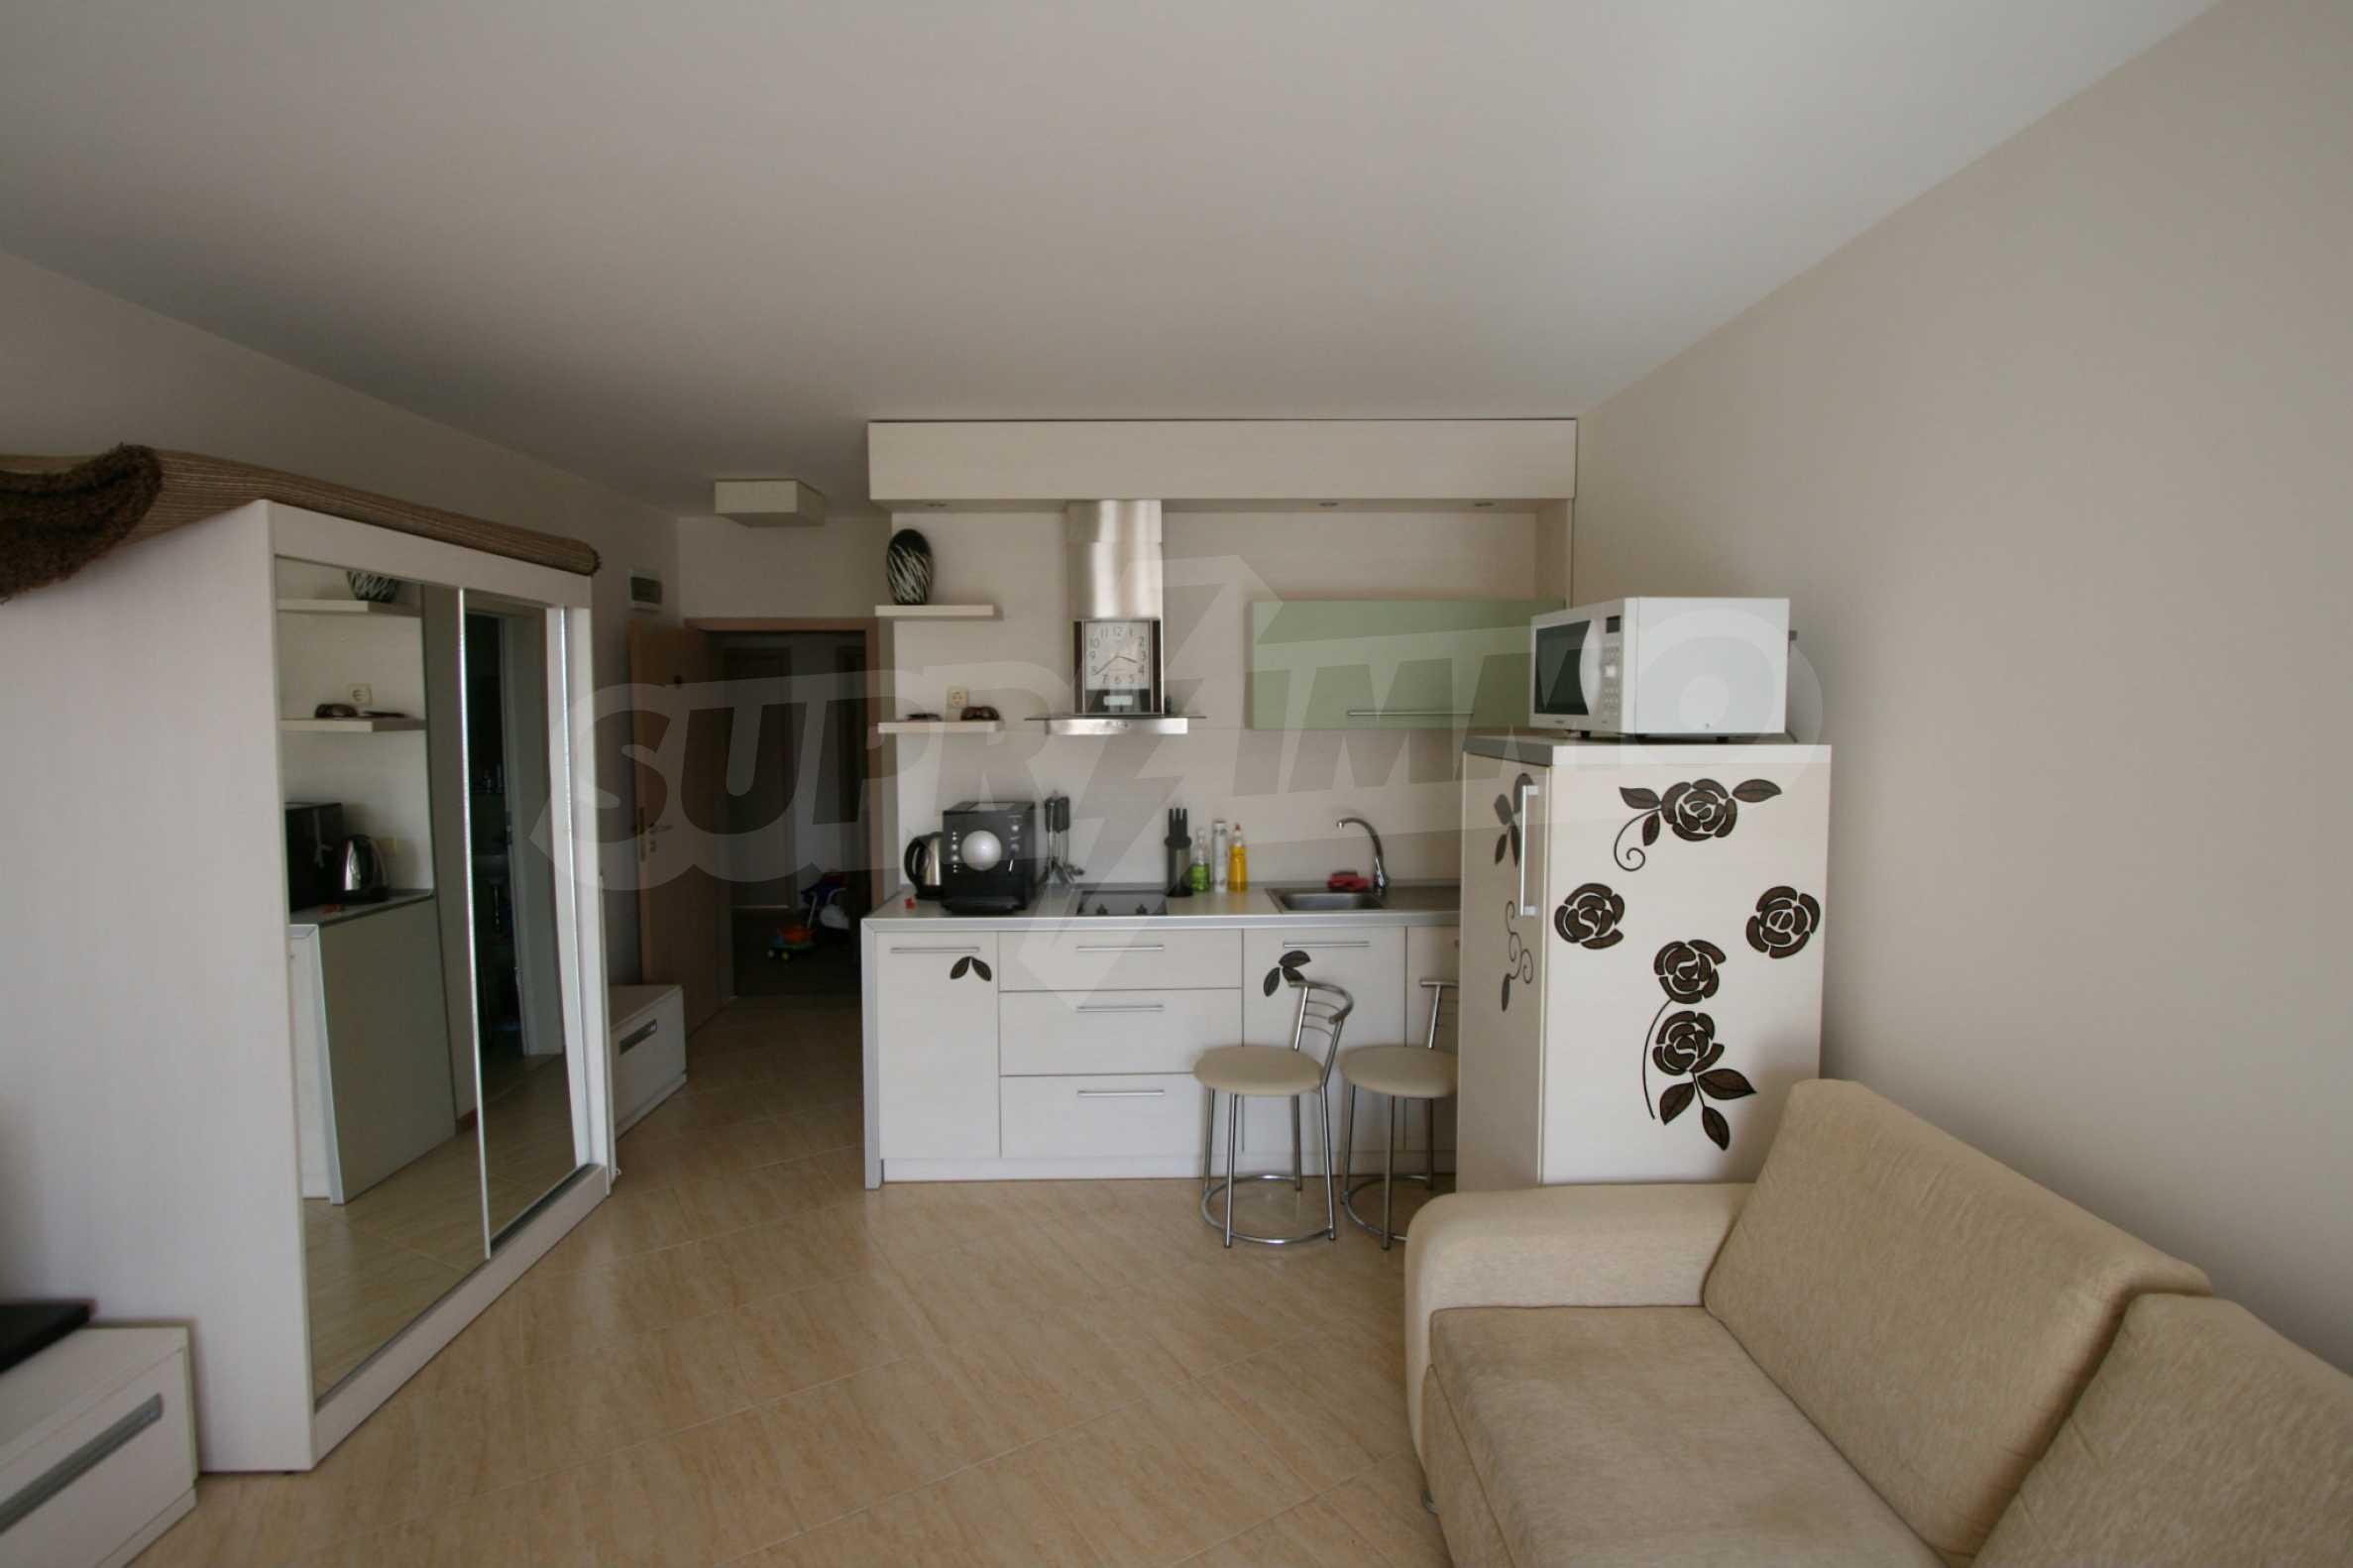 Studio zum Verkauf im Midia Grand Resort in Aheloy 5